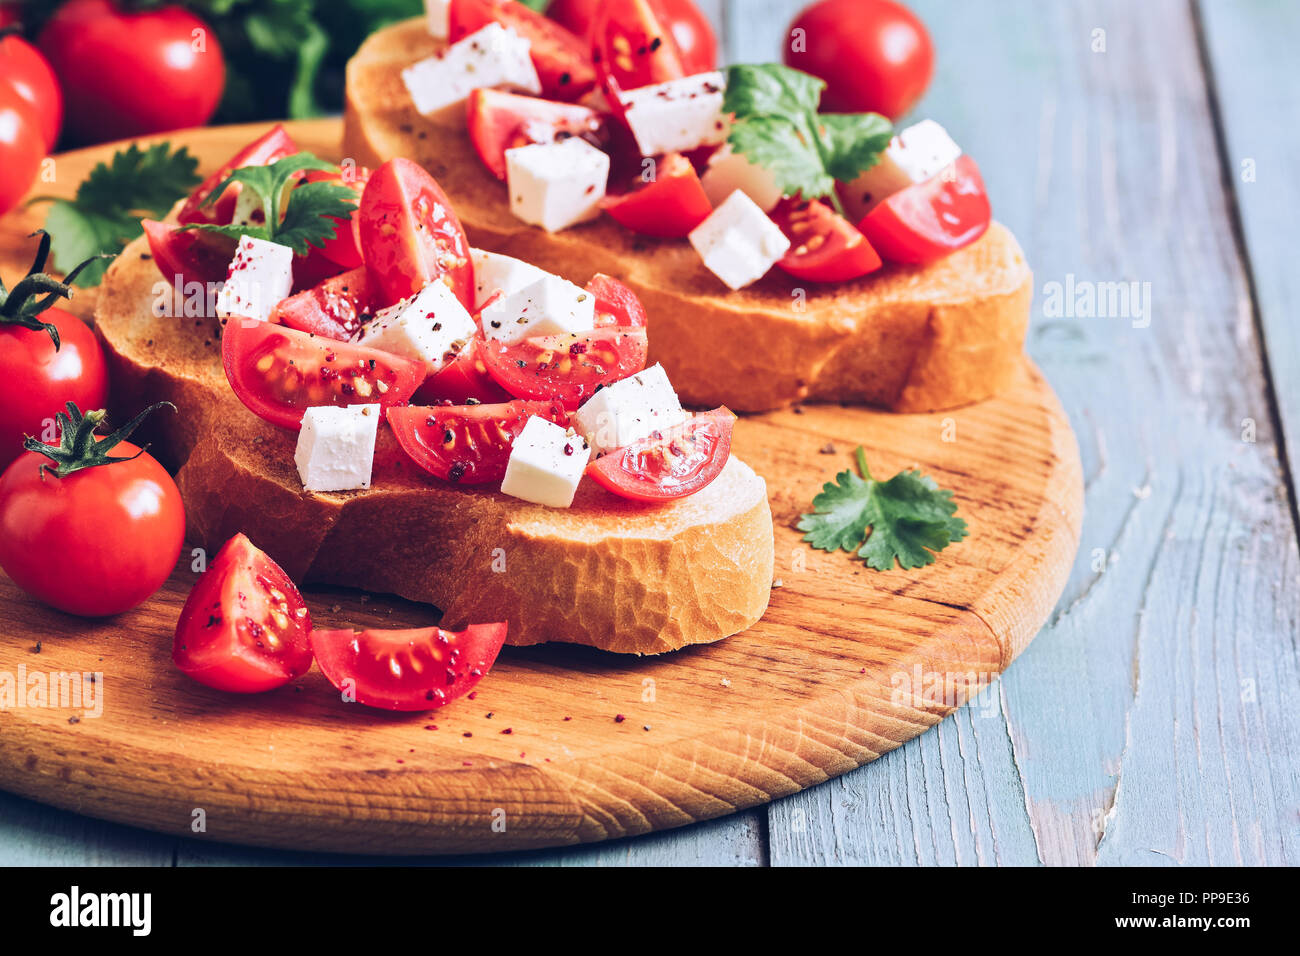 Bruschetta mit Tomaten, Käse und Grüns auf geröstetem Brot. Traditionelle italienische Küche. Selektiver Fokus Stockbild